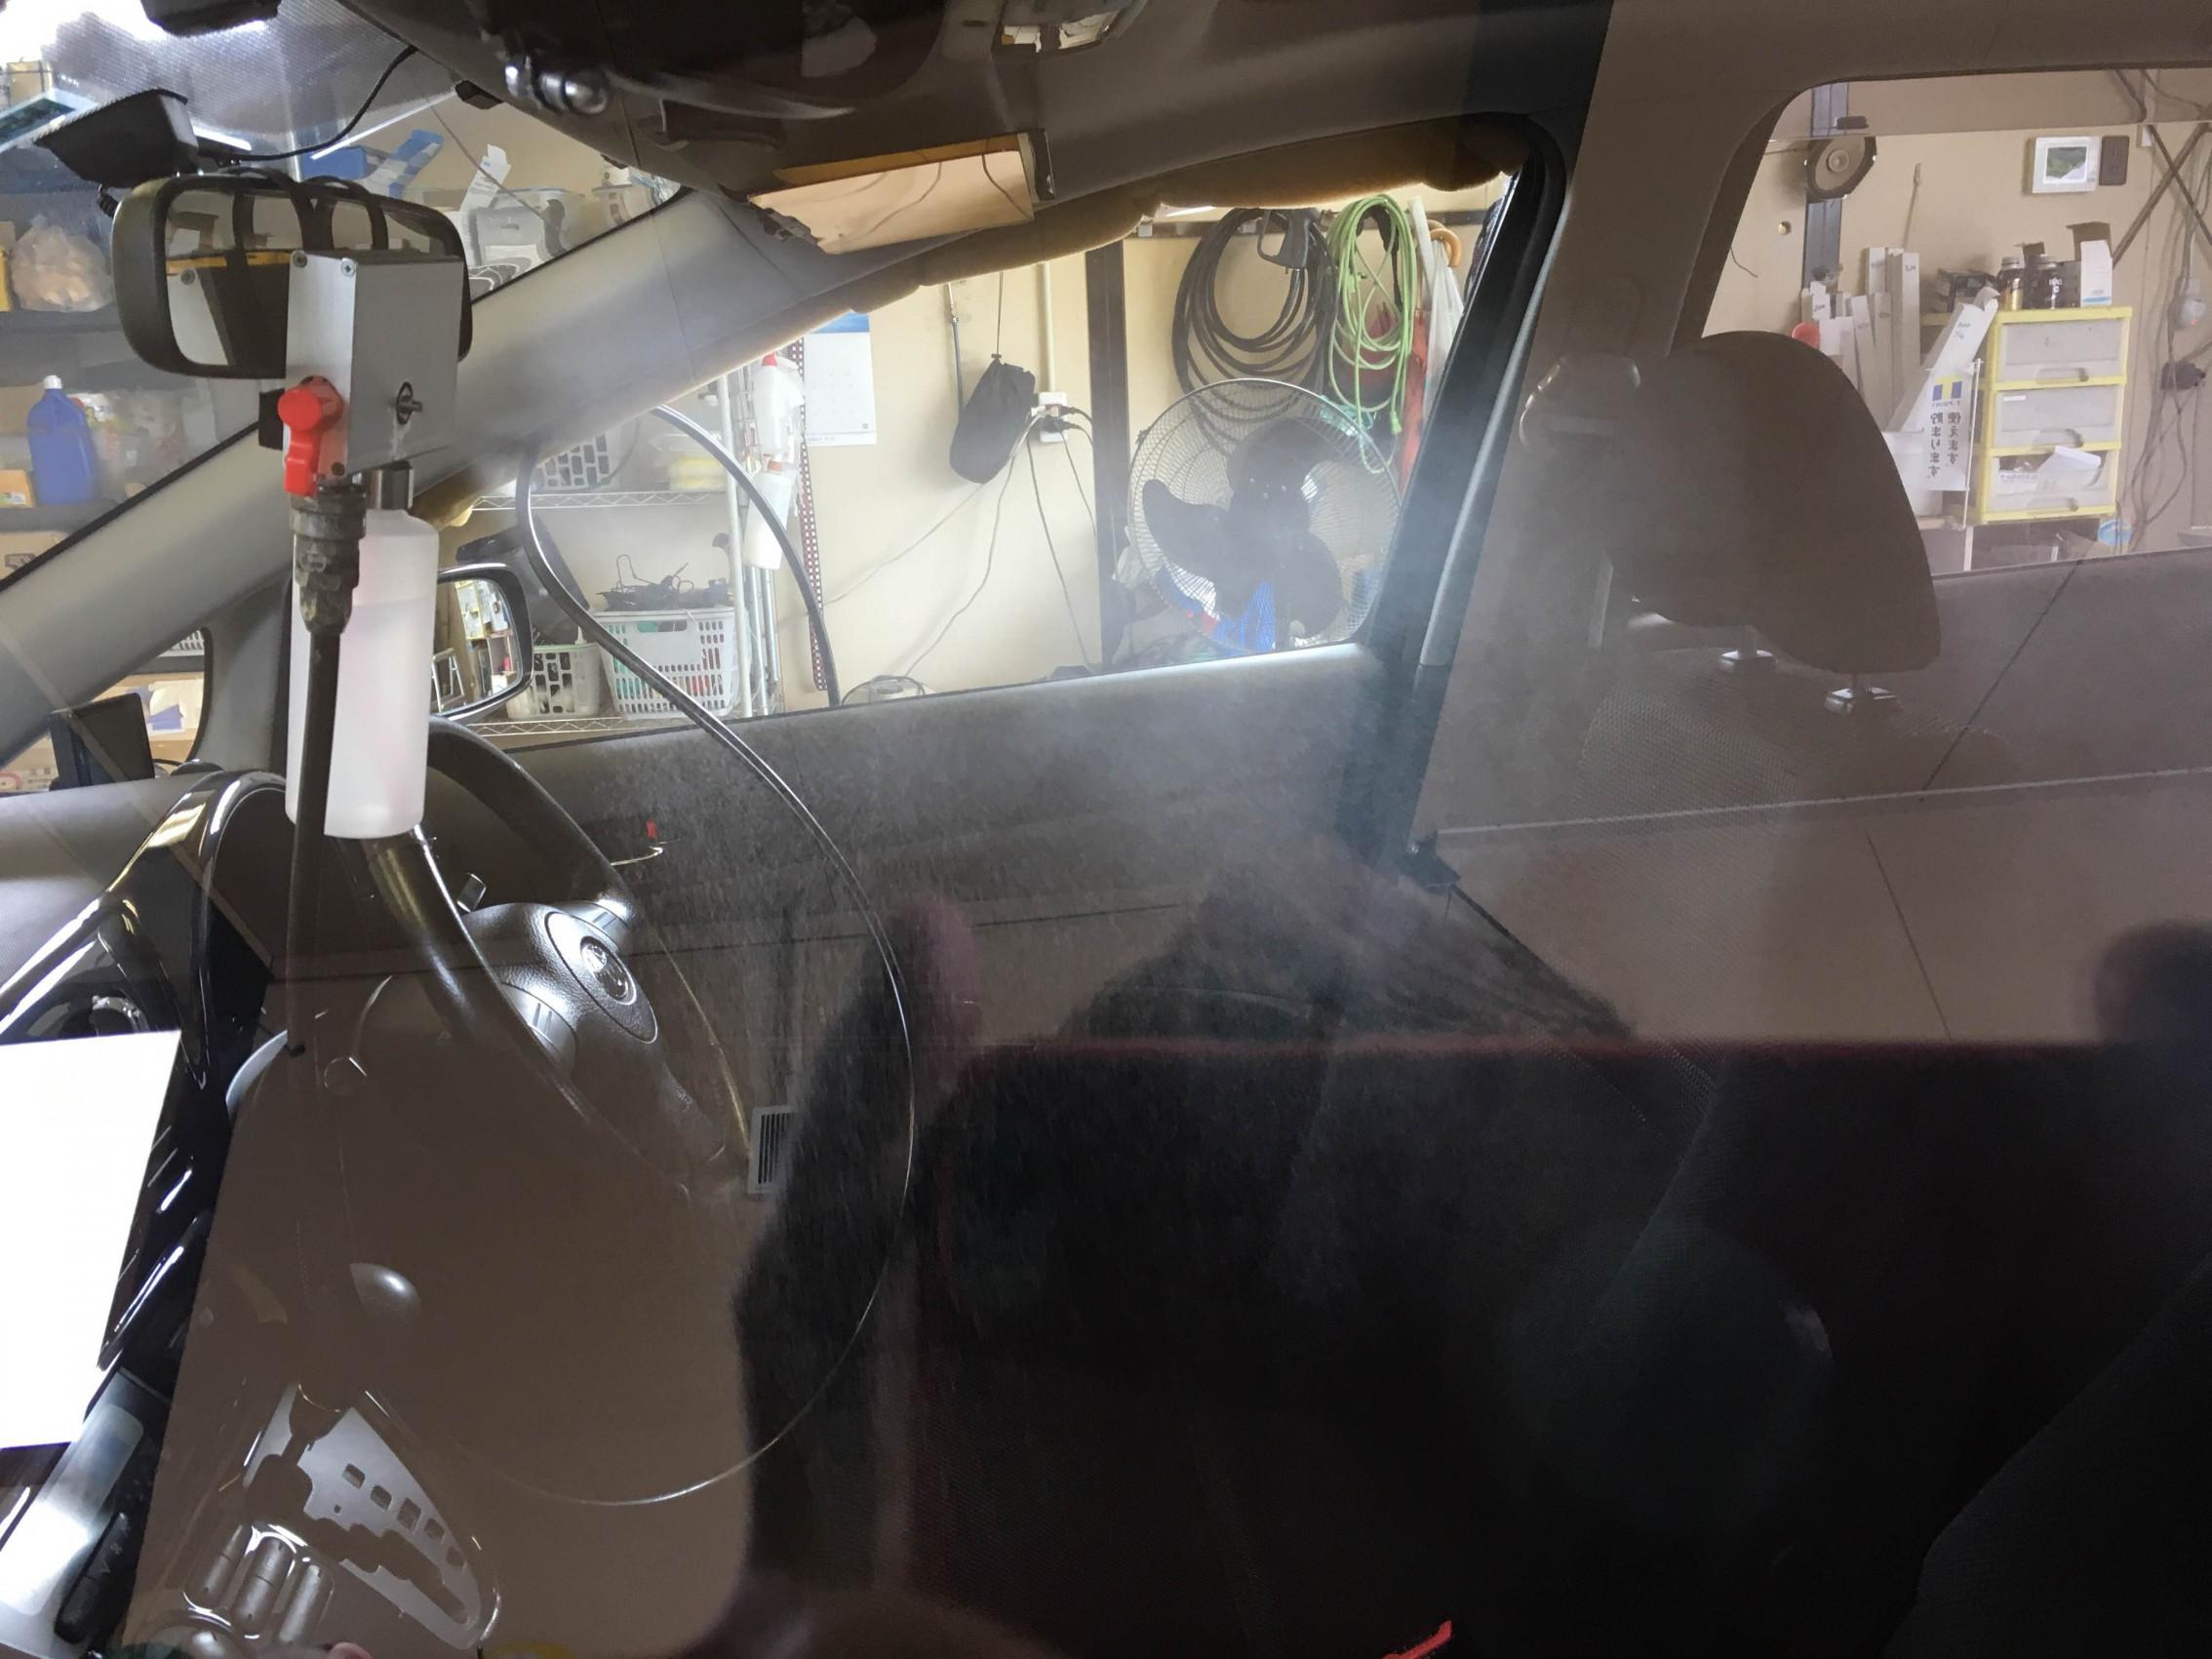 ウィッシュ『超撥水アワ手洗い洗車』『カーリフレッシュ』施工イメージ